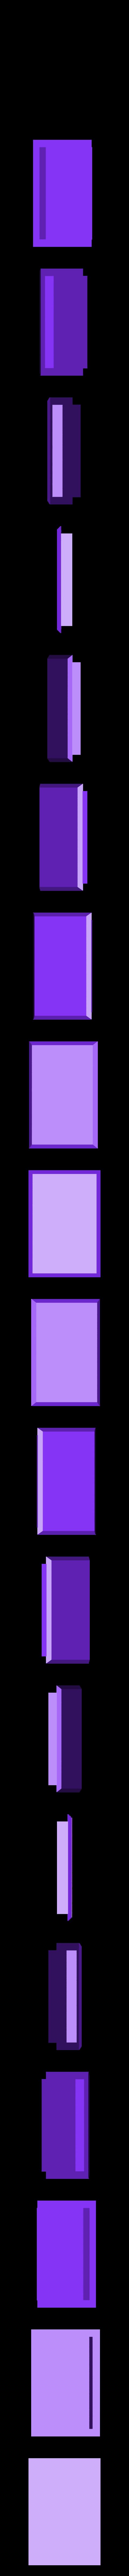 BlockBack06_03.stl Download STL file Playing Card Tiles • Object to 3D print, Jinja